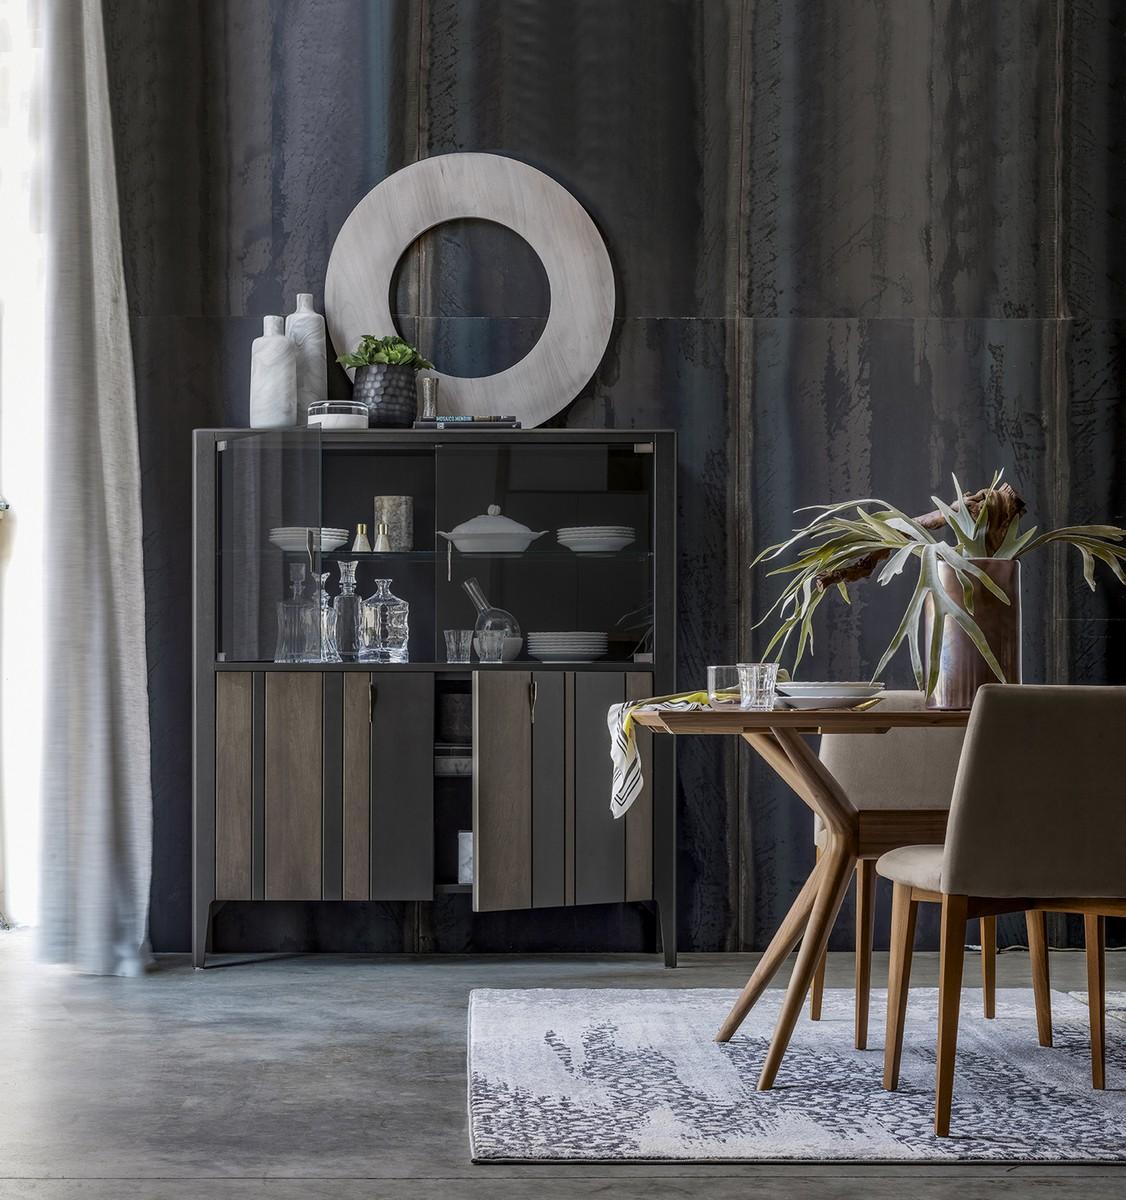 Modo10 preview salone del mobile 2018 luxury topics for Modo10 decor